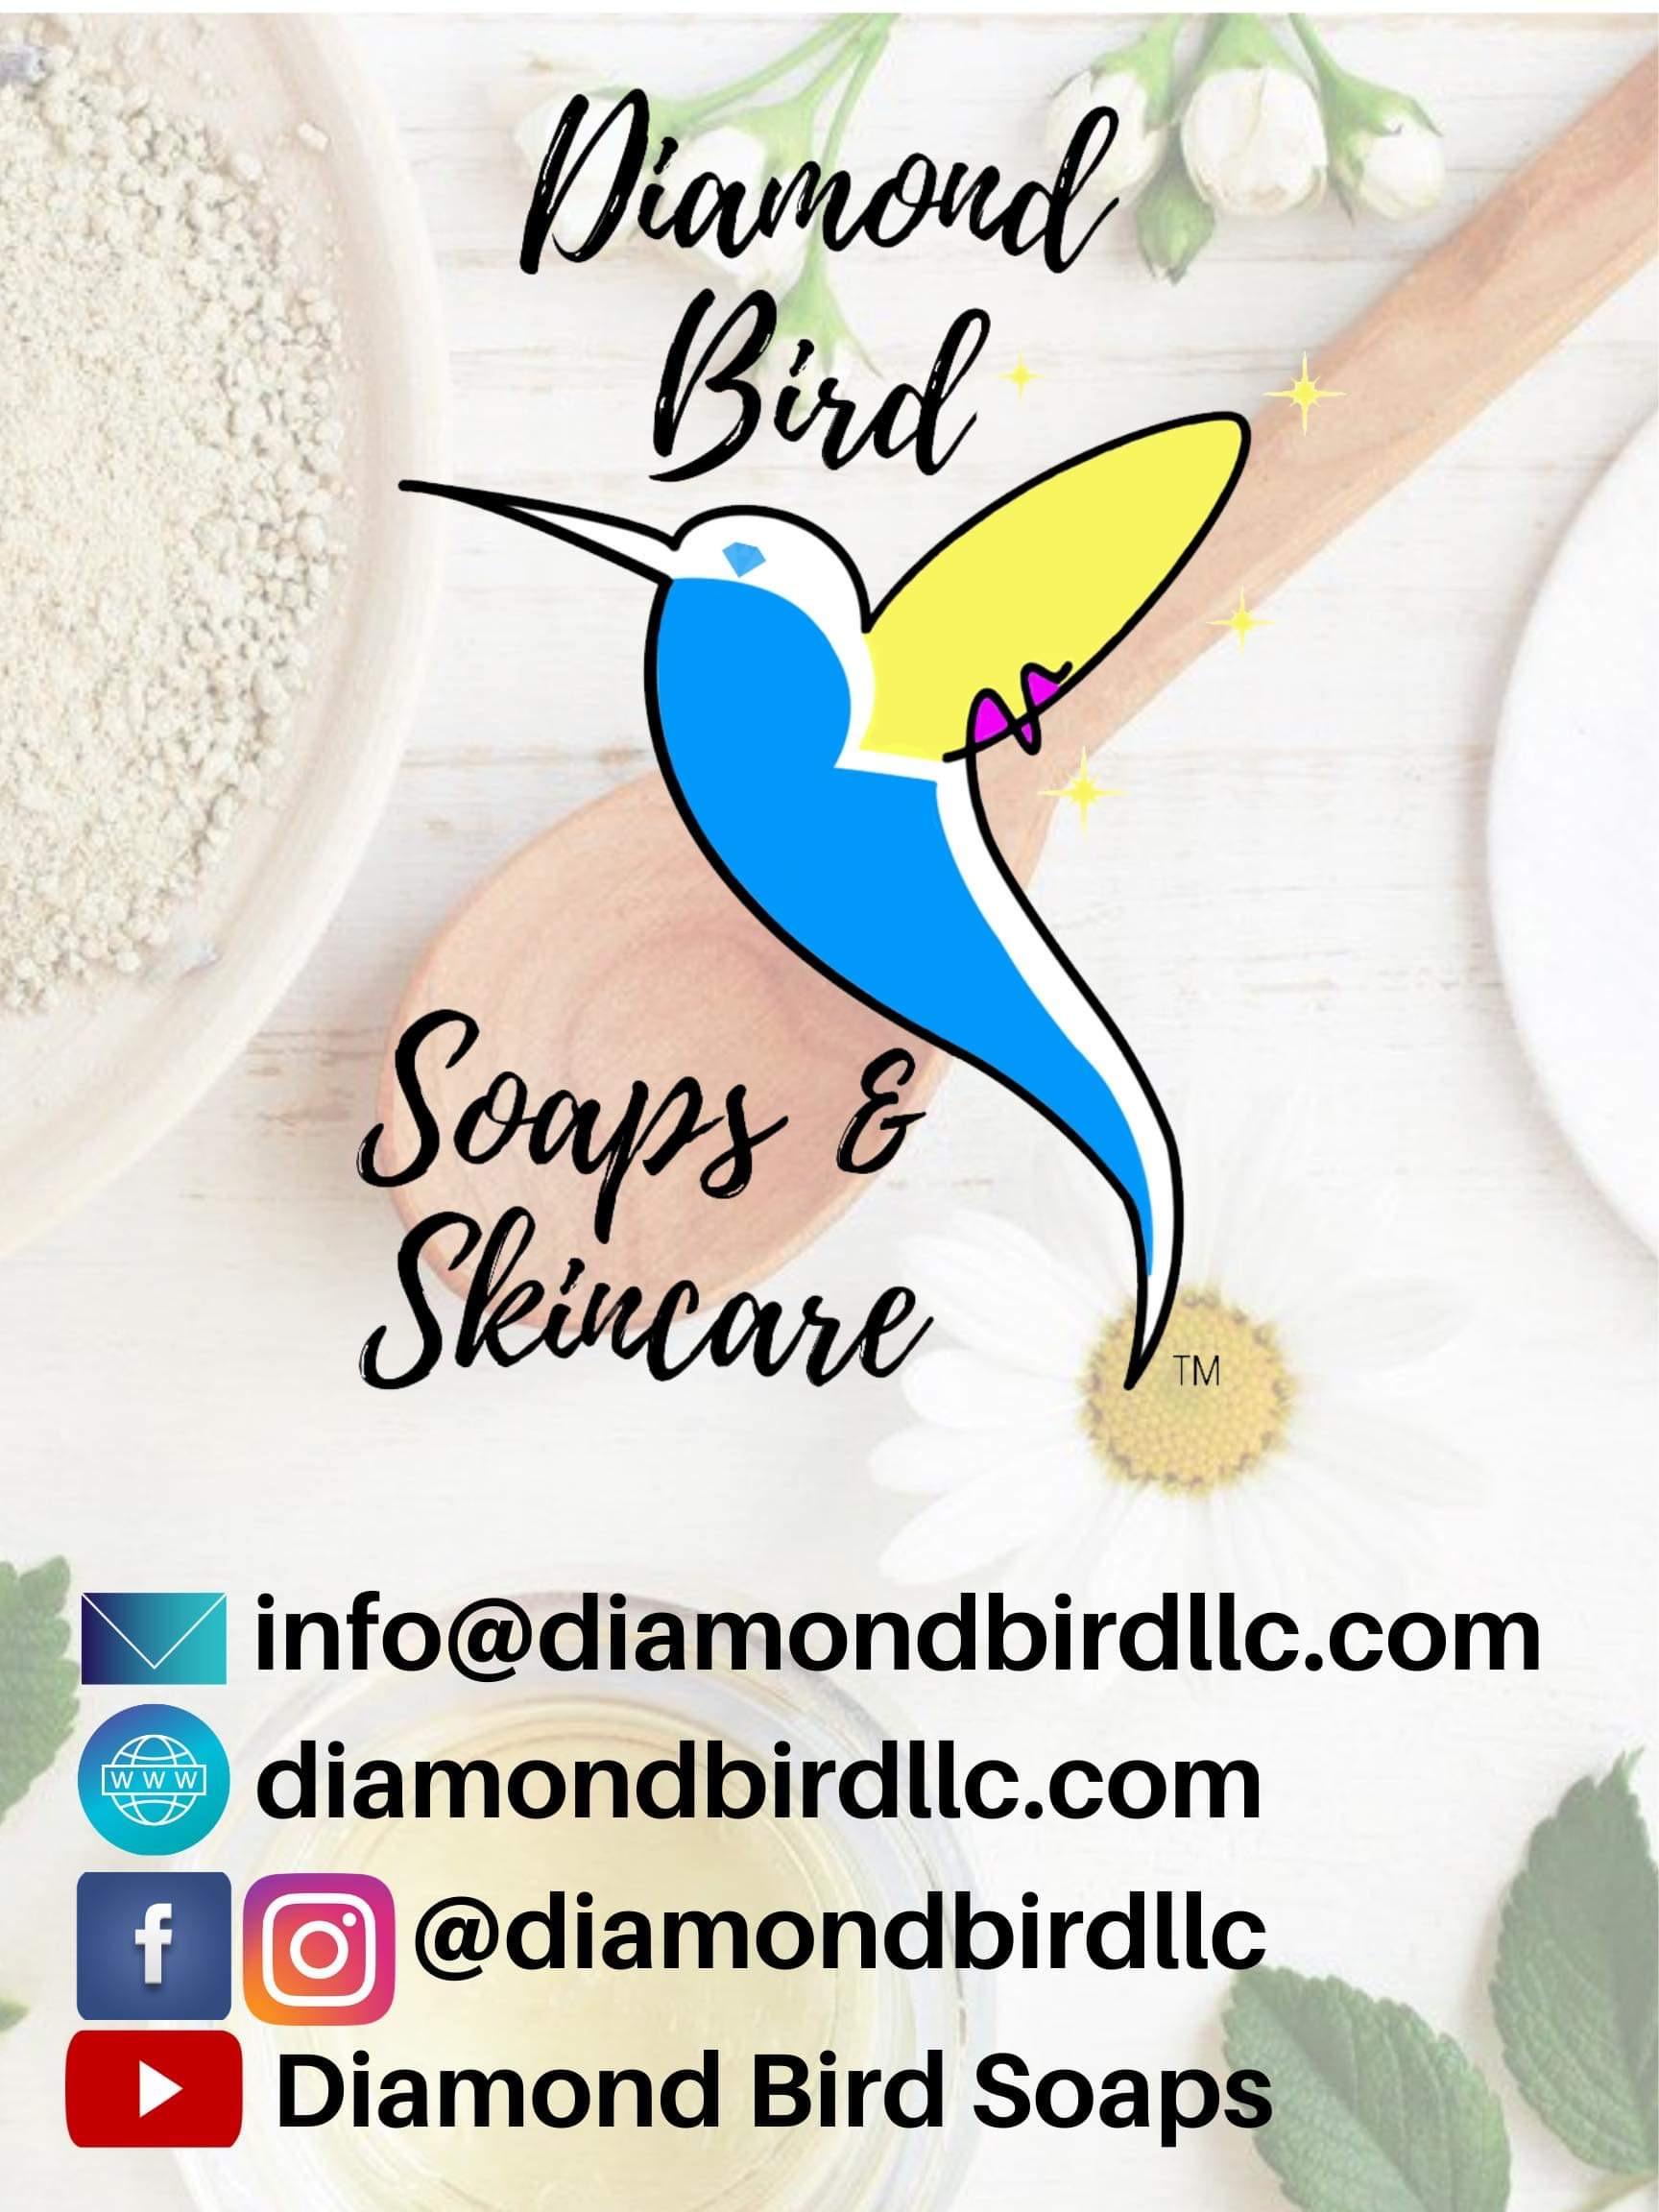 diamondbirdllc